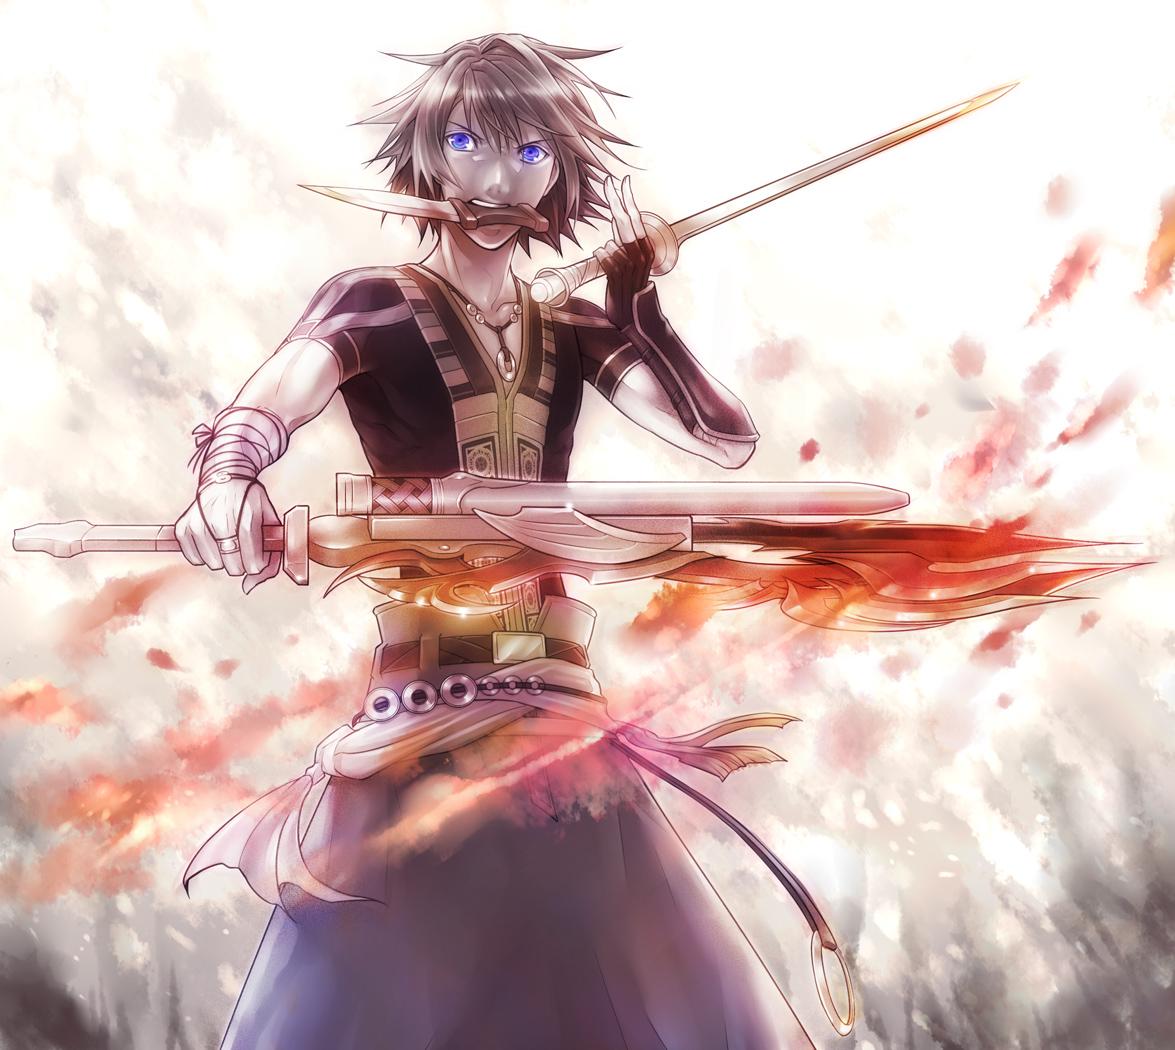 Noel kreiss fanart zerochan anime image board - Image manga noel ...